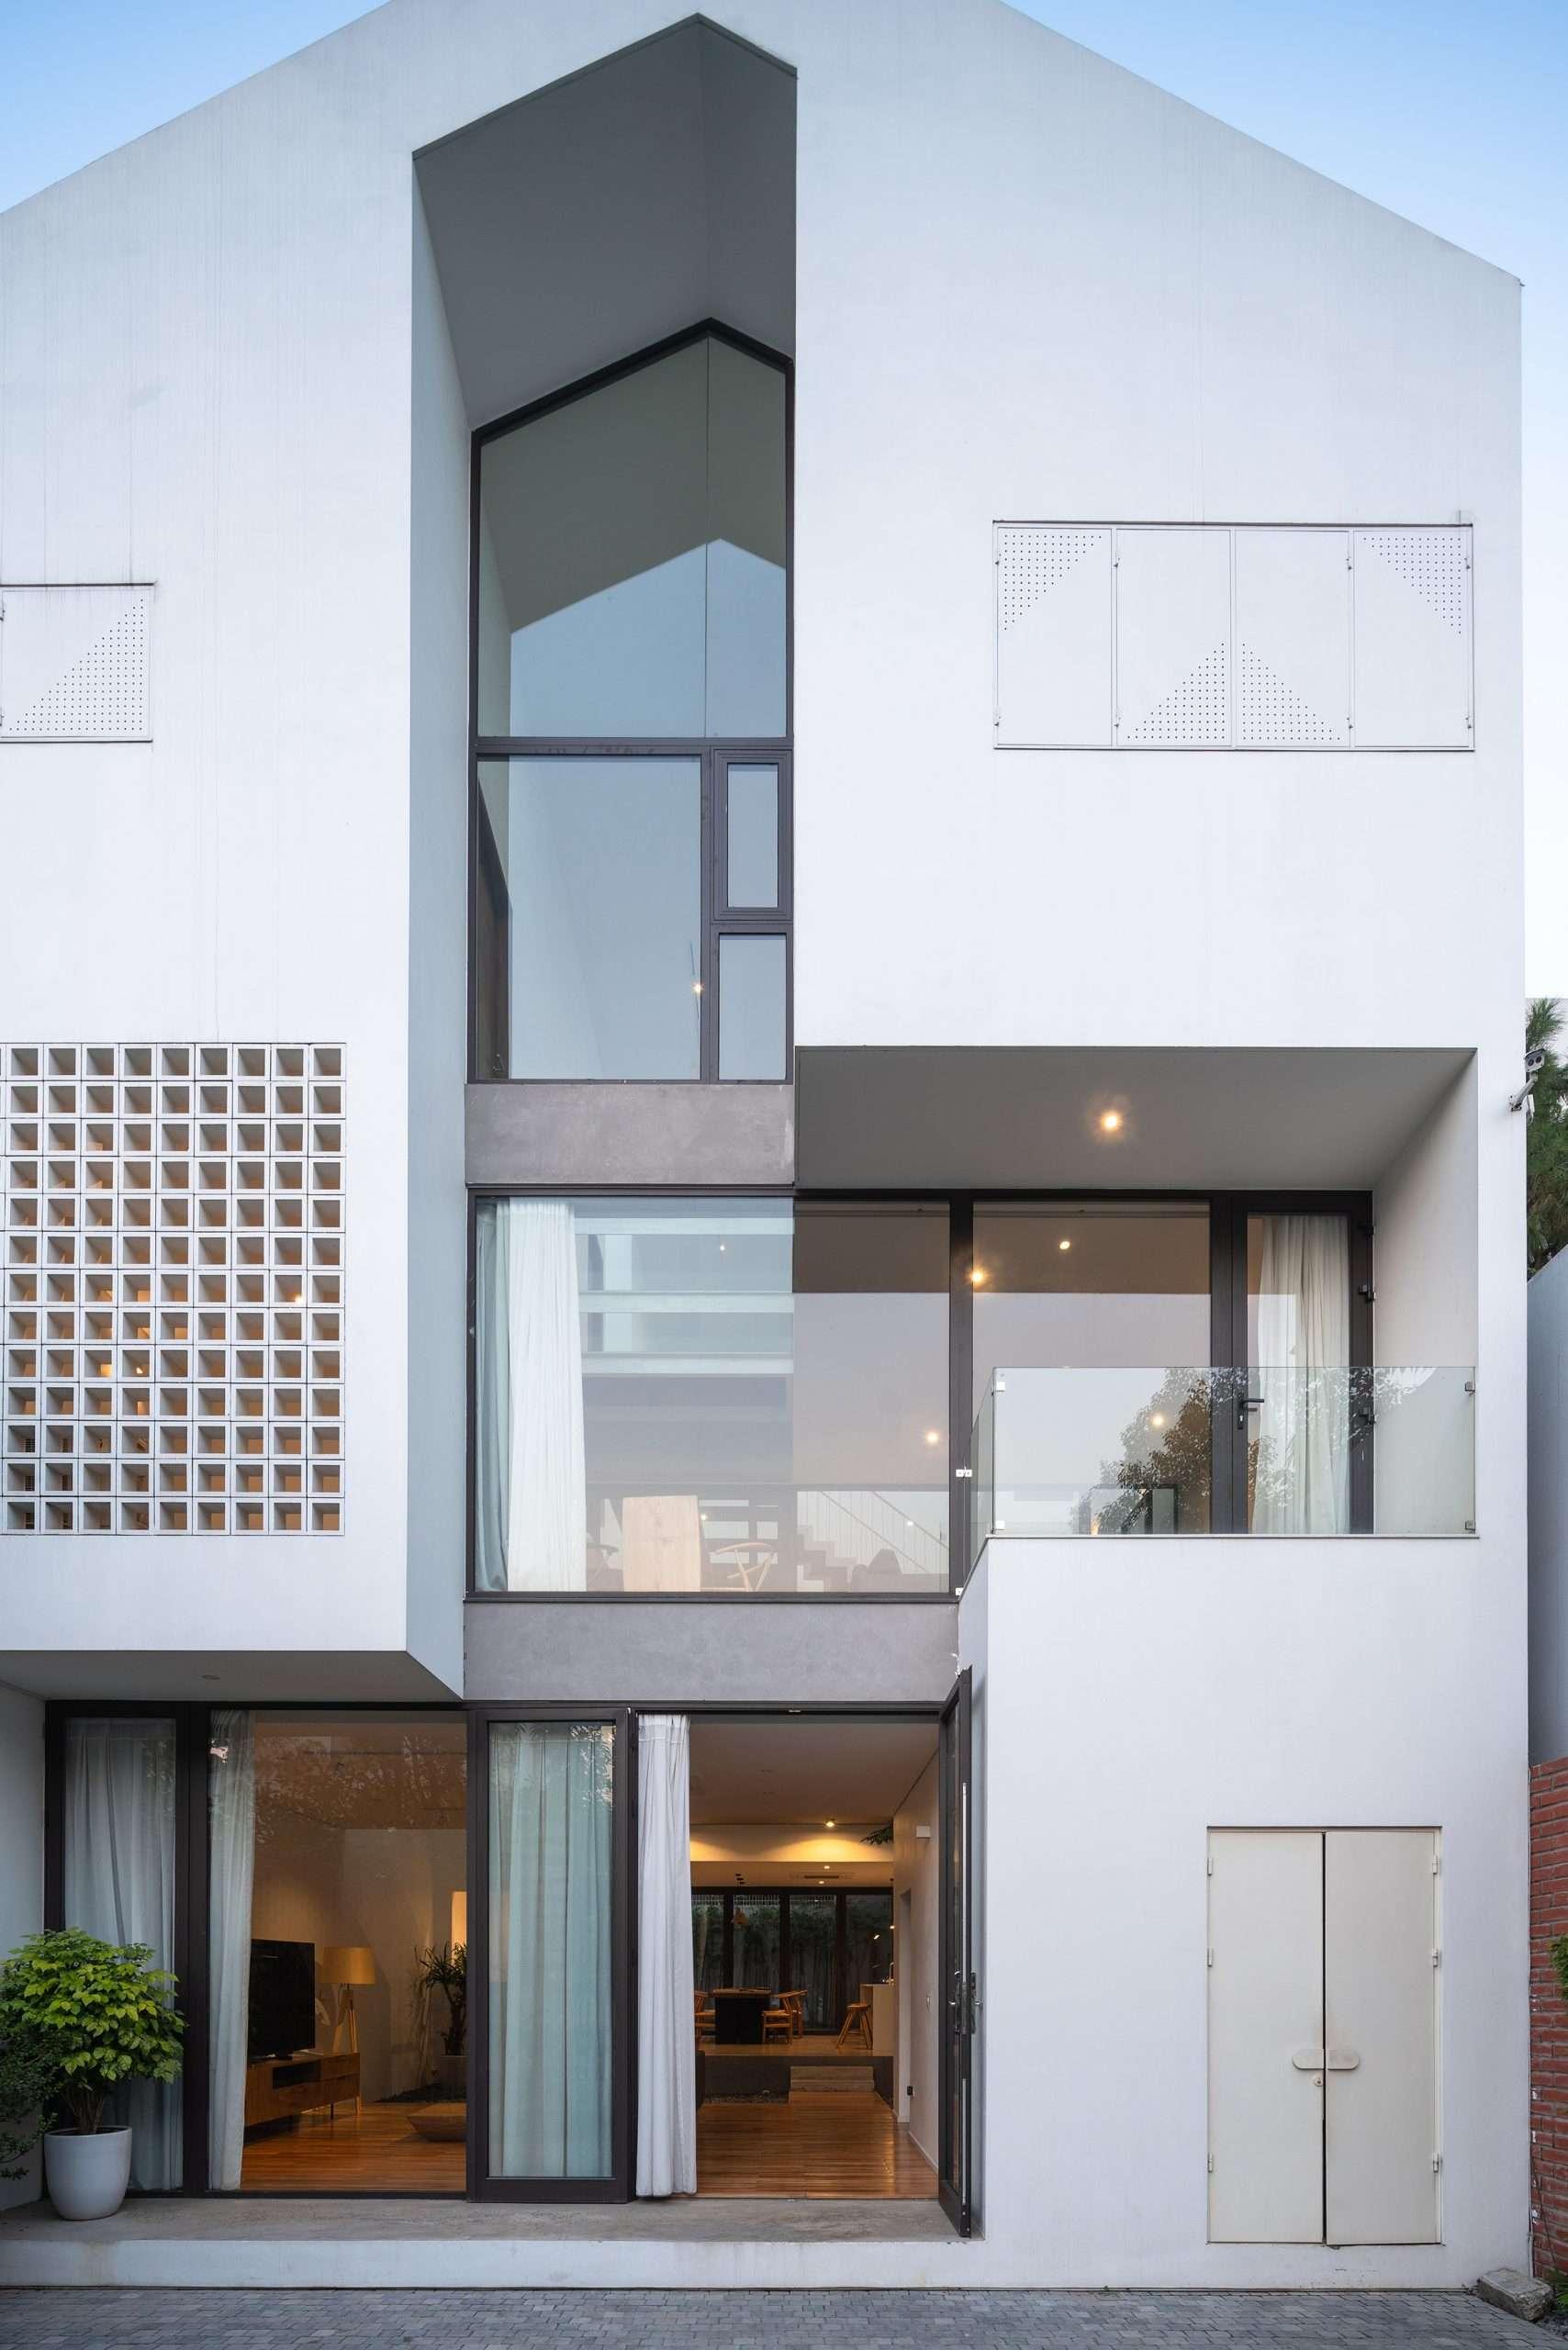 Nhà Hạ Long | Ngôi nhà nhìn từ bên ngoài